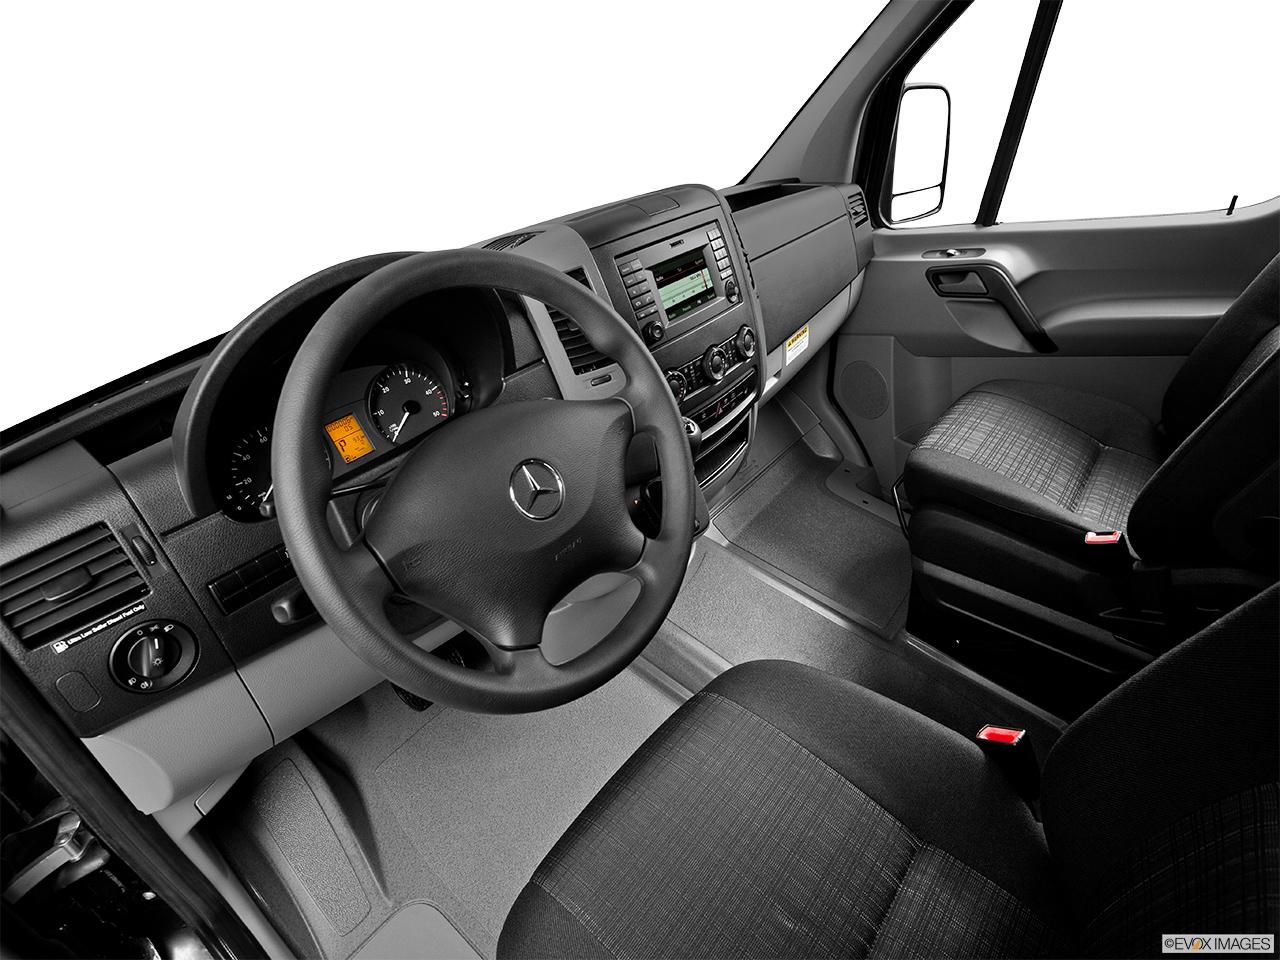 2015 Mercedes Benz Sprinter Passenger Vans 2500 170